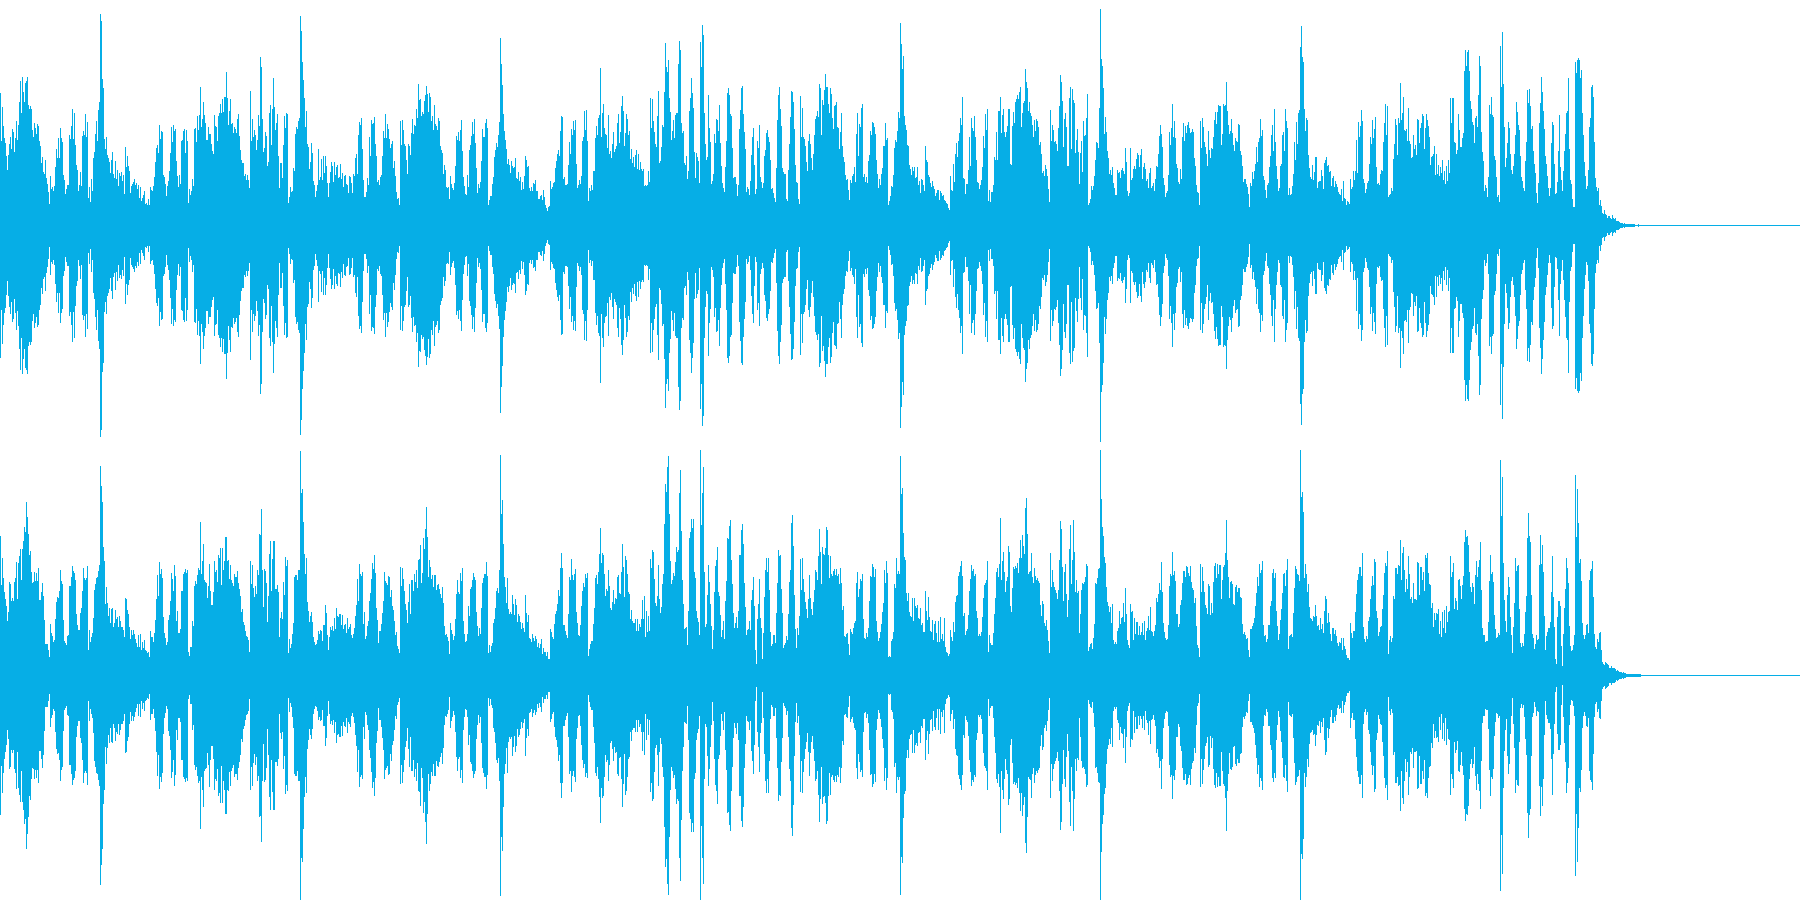 Dubstep風のジングルの再生済みの波形